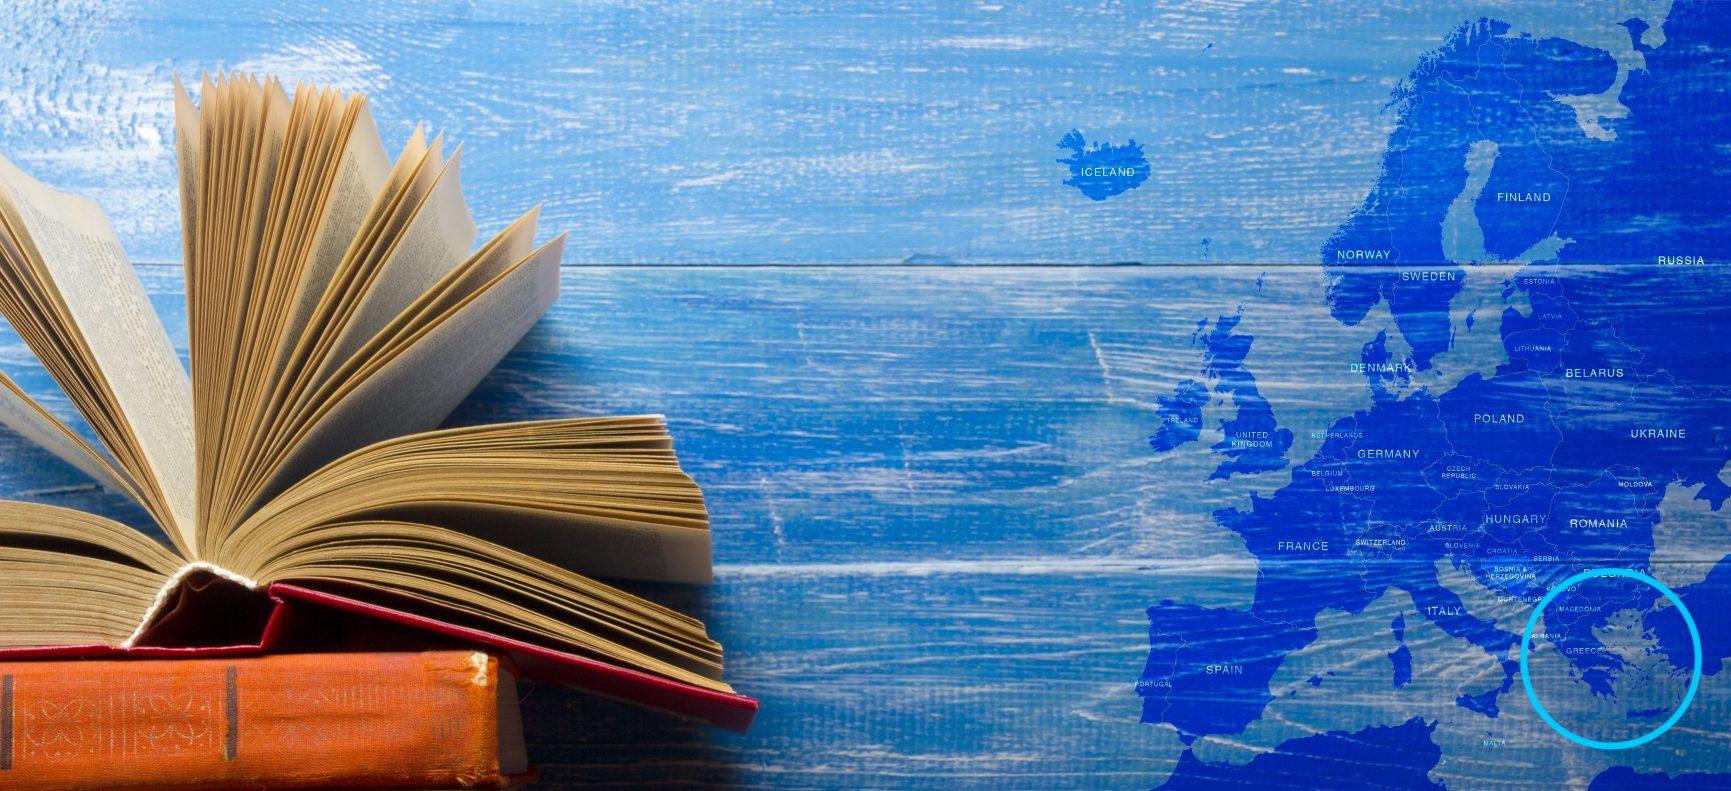 Οι Μεταρρυθμίσεις στο Εξεταστικό Σύστημα της Τριτοβάθμιας Εκπαίδευσης